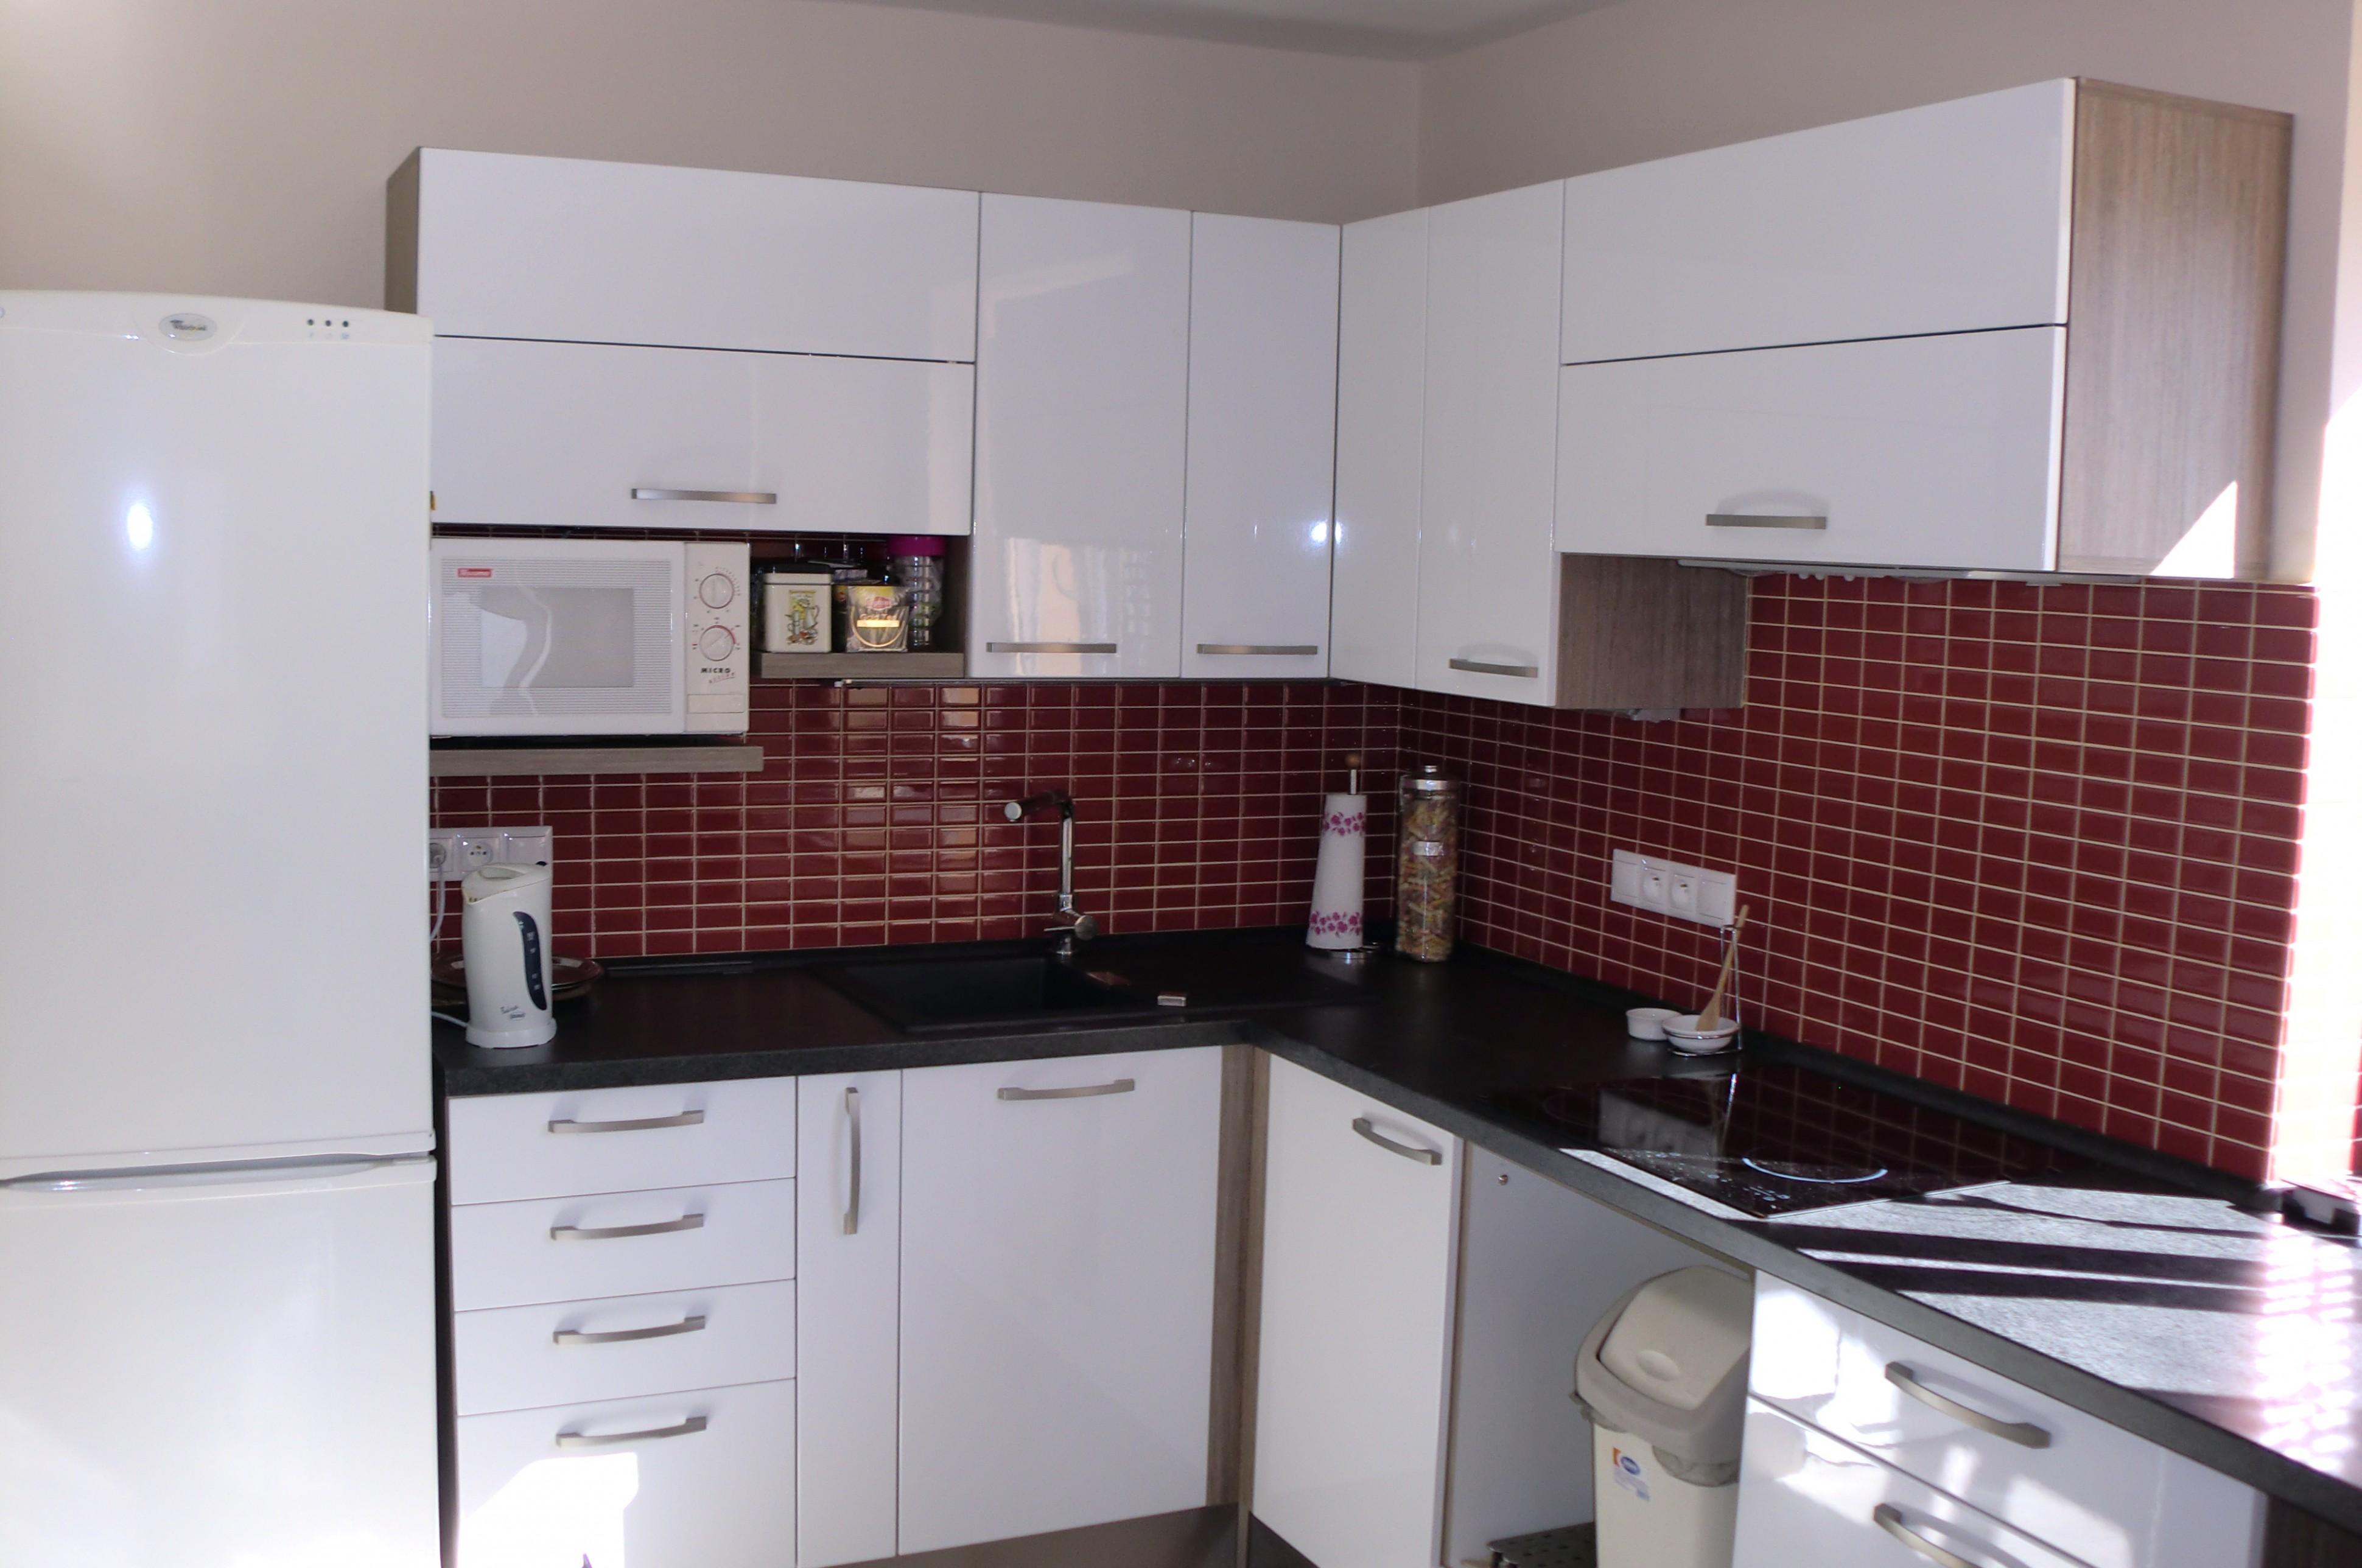 Kuchyne Jihlava